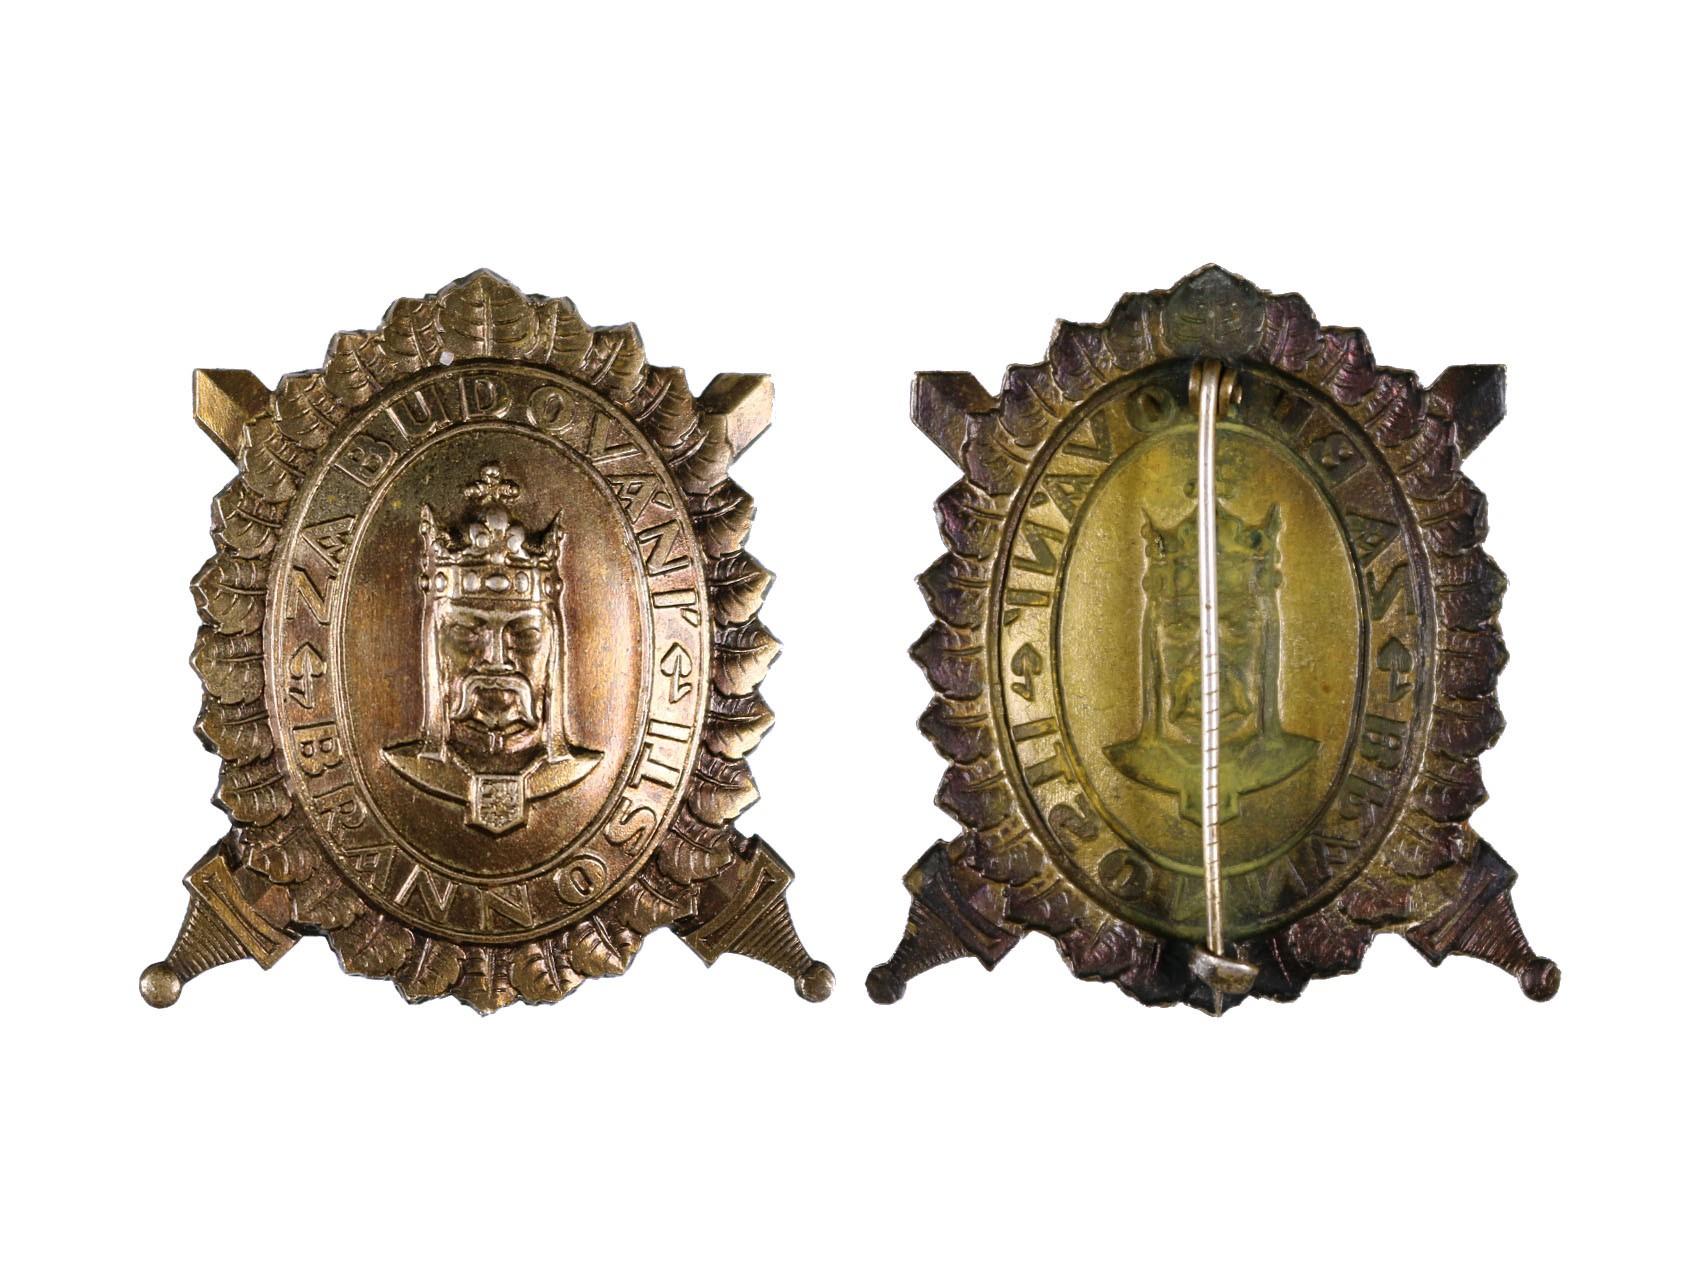 DOK, Čestný odznak, Za budování brannosti, 3. třída, bronzový, N97